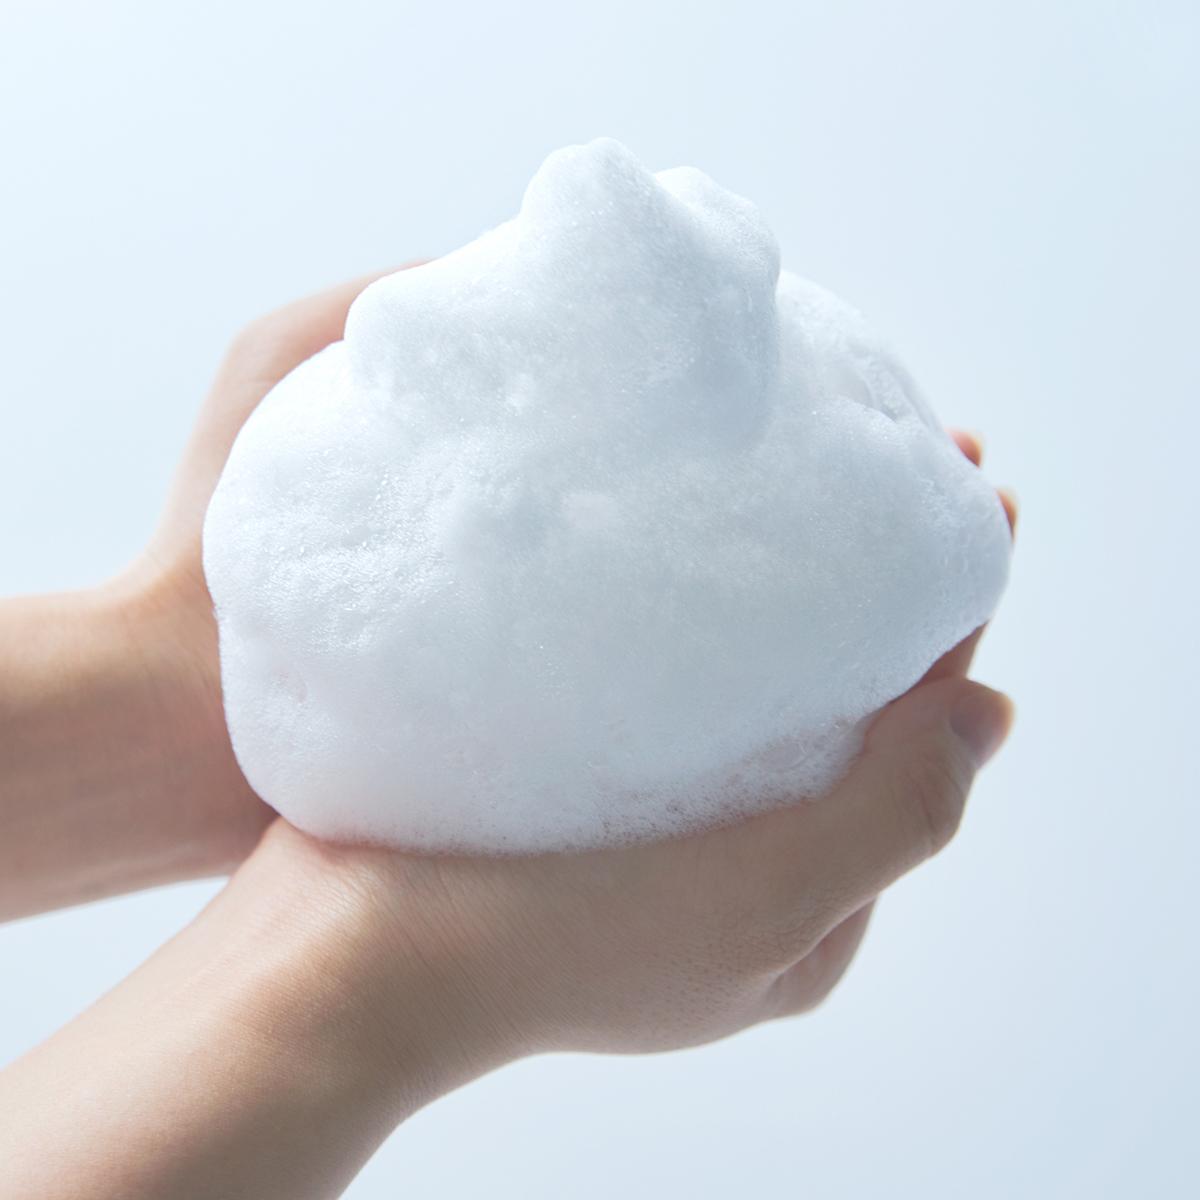 こだわりの「泡」は、泡立ちがよくて、モチモチの感触。汚れをしっかり浮かしながら、洗い上がりの肌はしっとり。髪もスルリとまとまる。洗い心地、仕上がりともに極めた全身シャンプー|『MANGETSU(満月)』『SHINGETSU(新月)』Jam Label(ジャムレーベル)